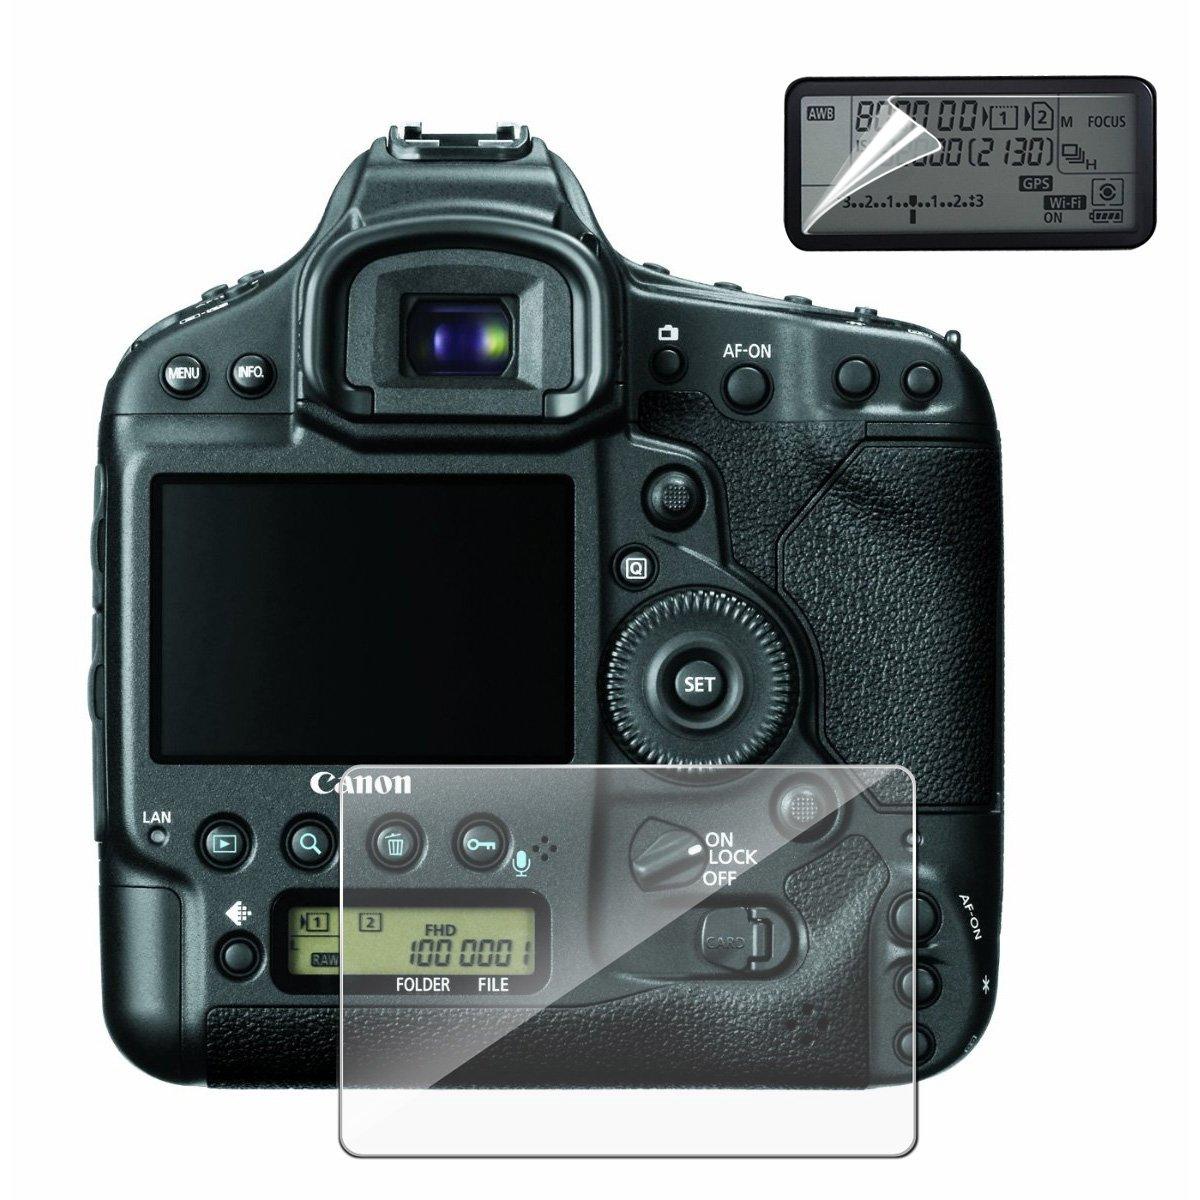 Fotocamera schermo per fotocamera DSLR Canon 7D GLASS no-bubble durezza 9H Crystal Clear x Myecogo ultra Clear LCD pellicola proteggi schermo in vetro temprato per fotocamere DSLR